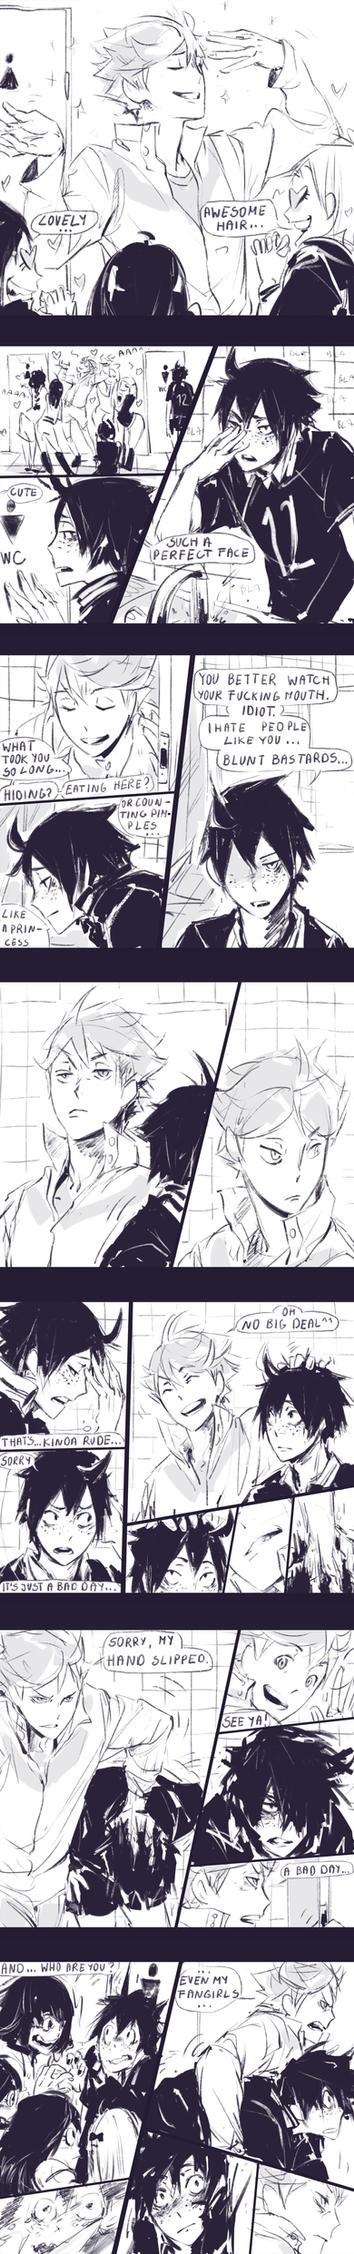 Oiyama comic part7 by Kanda3egle